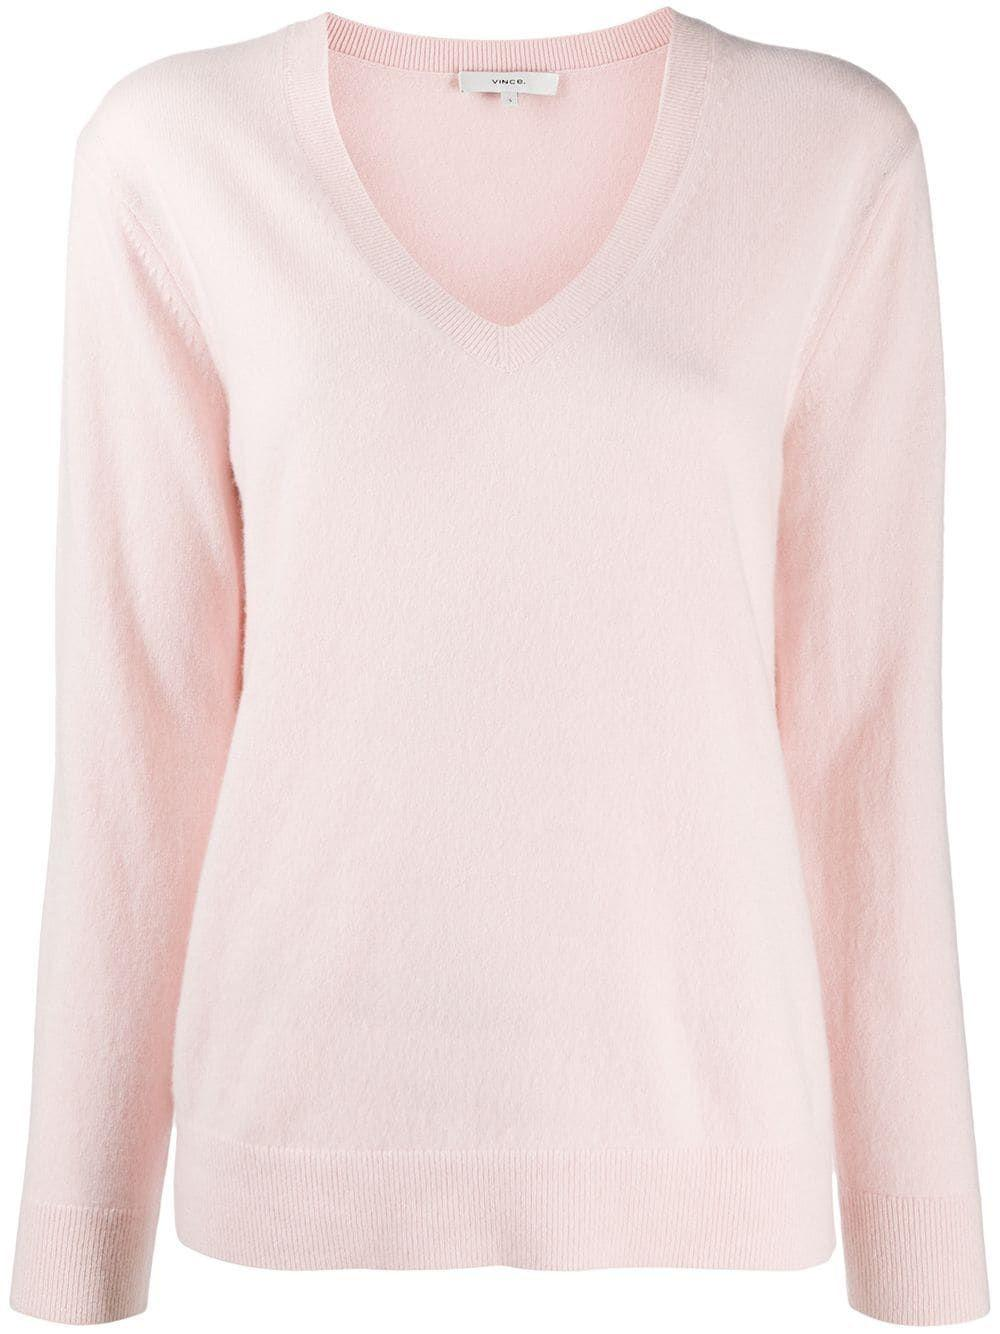 Weekend V- Neck Sweater Item # V671878133